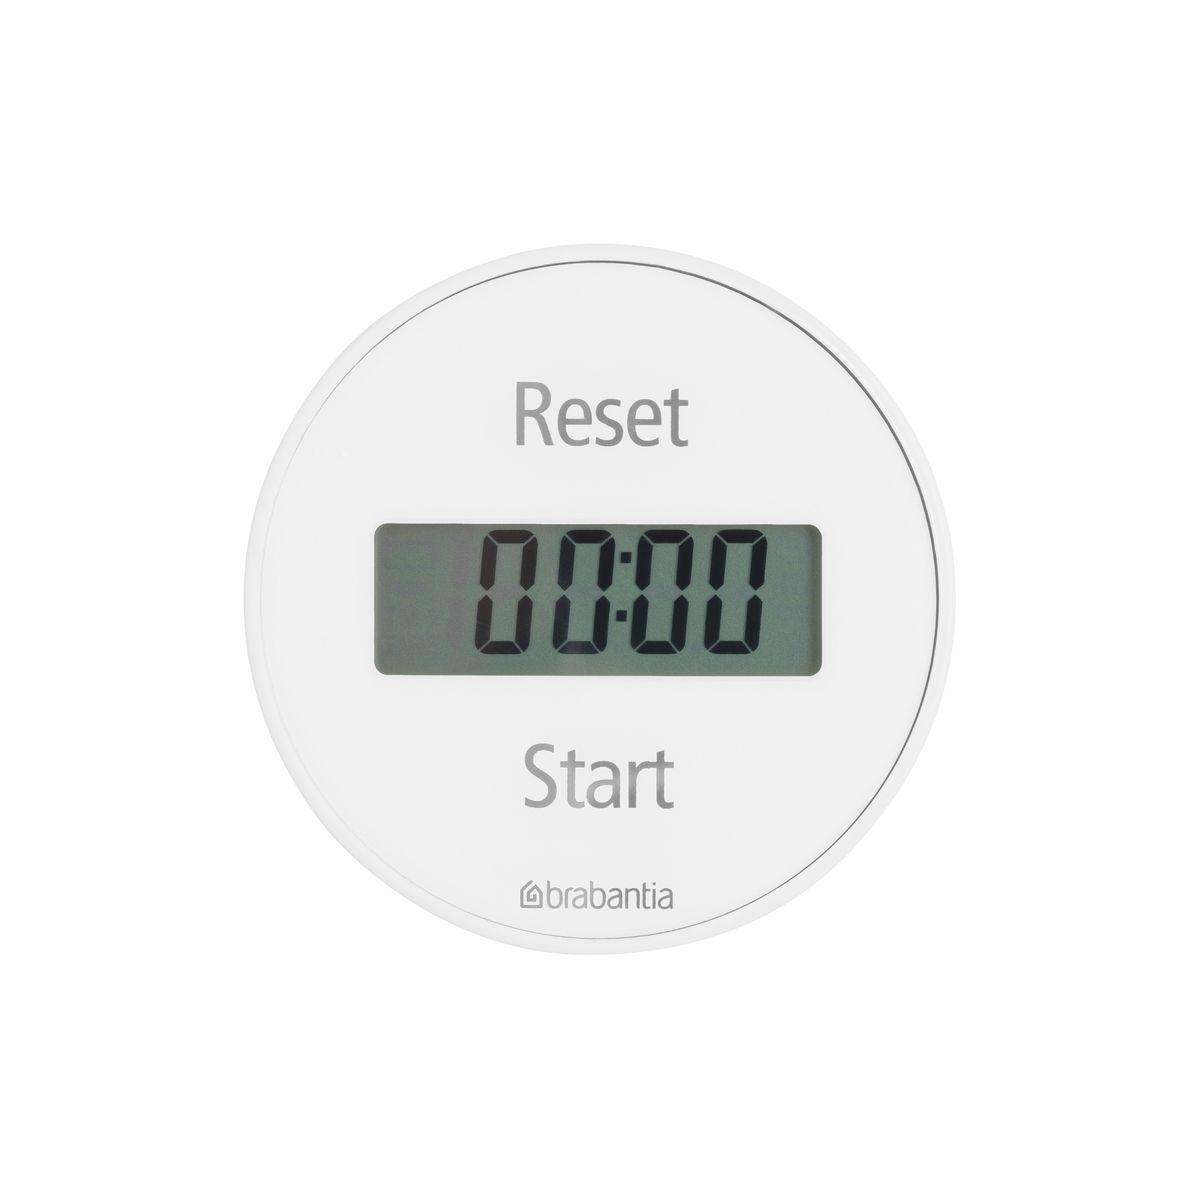 Таймер кухонный Brabantia, цвет: белый. 103681103681Два в одном – таймер и секундомер.Легко устанавливается с помощью внешнего кольца – просто поверните.Удобное крепление – на магните.В комплект входит батарейка.